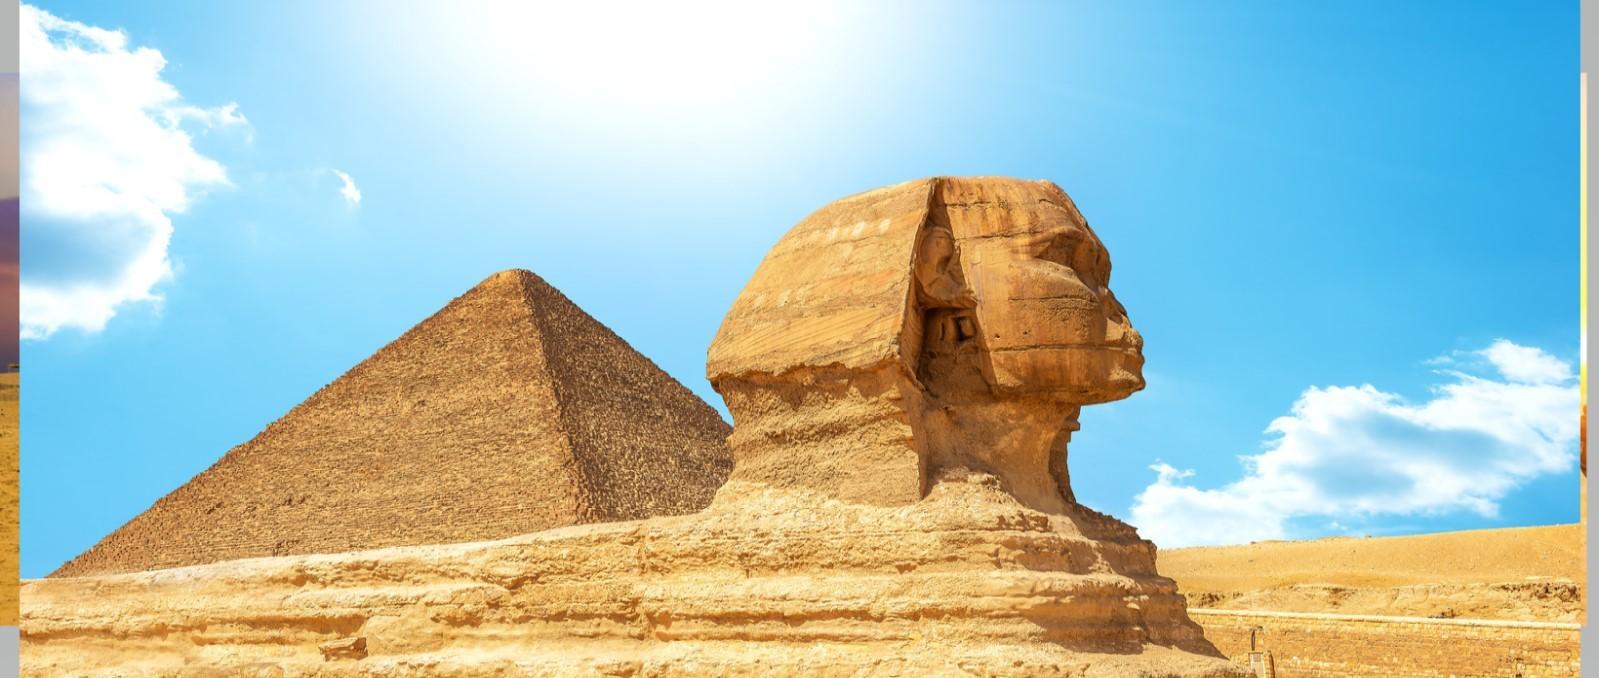 die sphinx von gizeh auf dem plateau von gizeh. Tagesausflug nach Kairo mit dem Flugzeug ab Marsa Alam